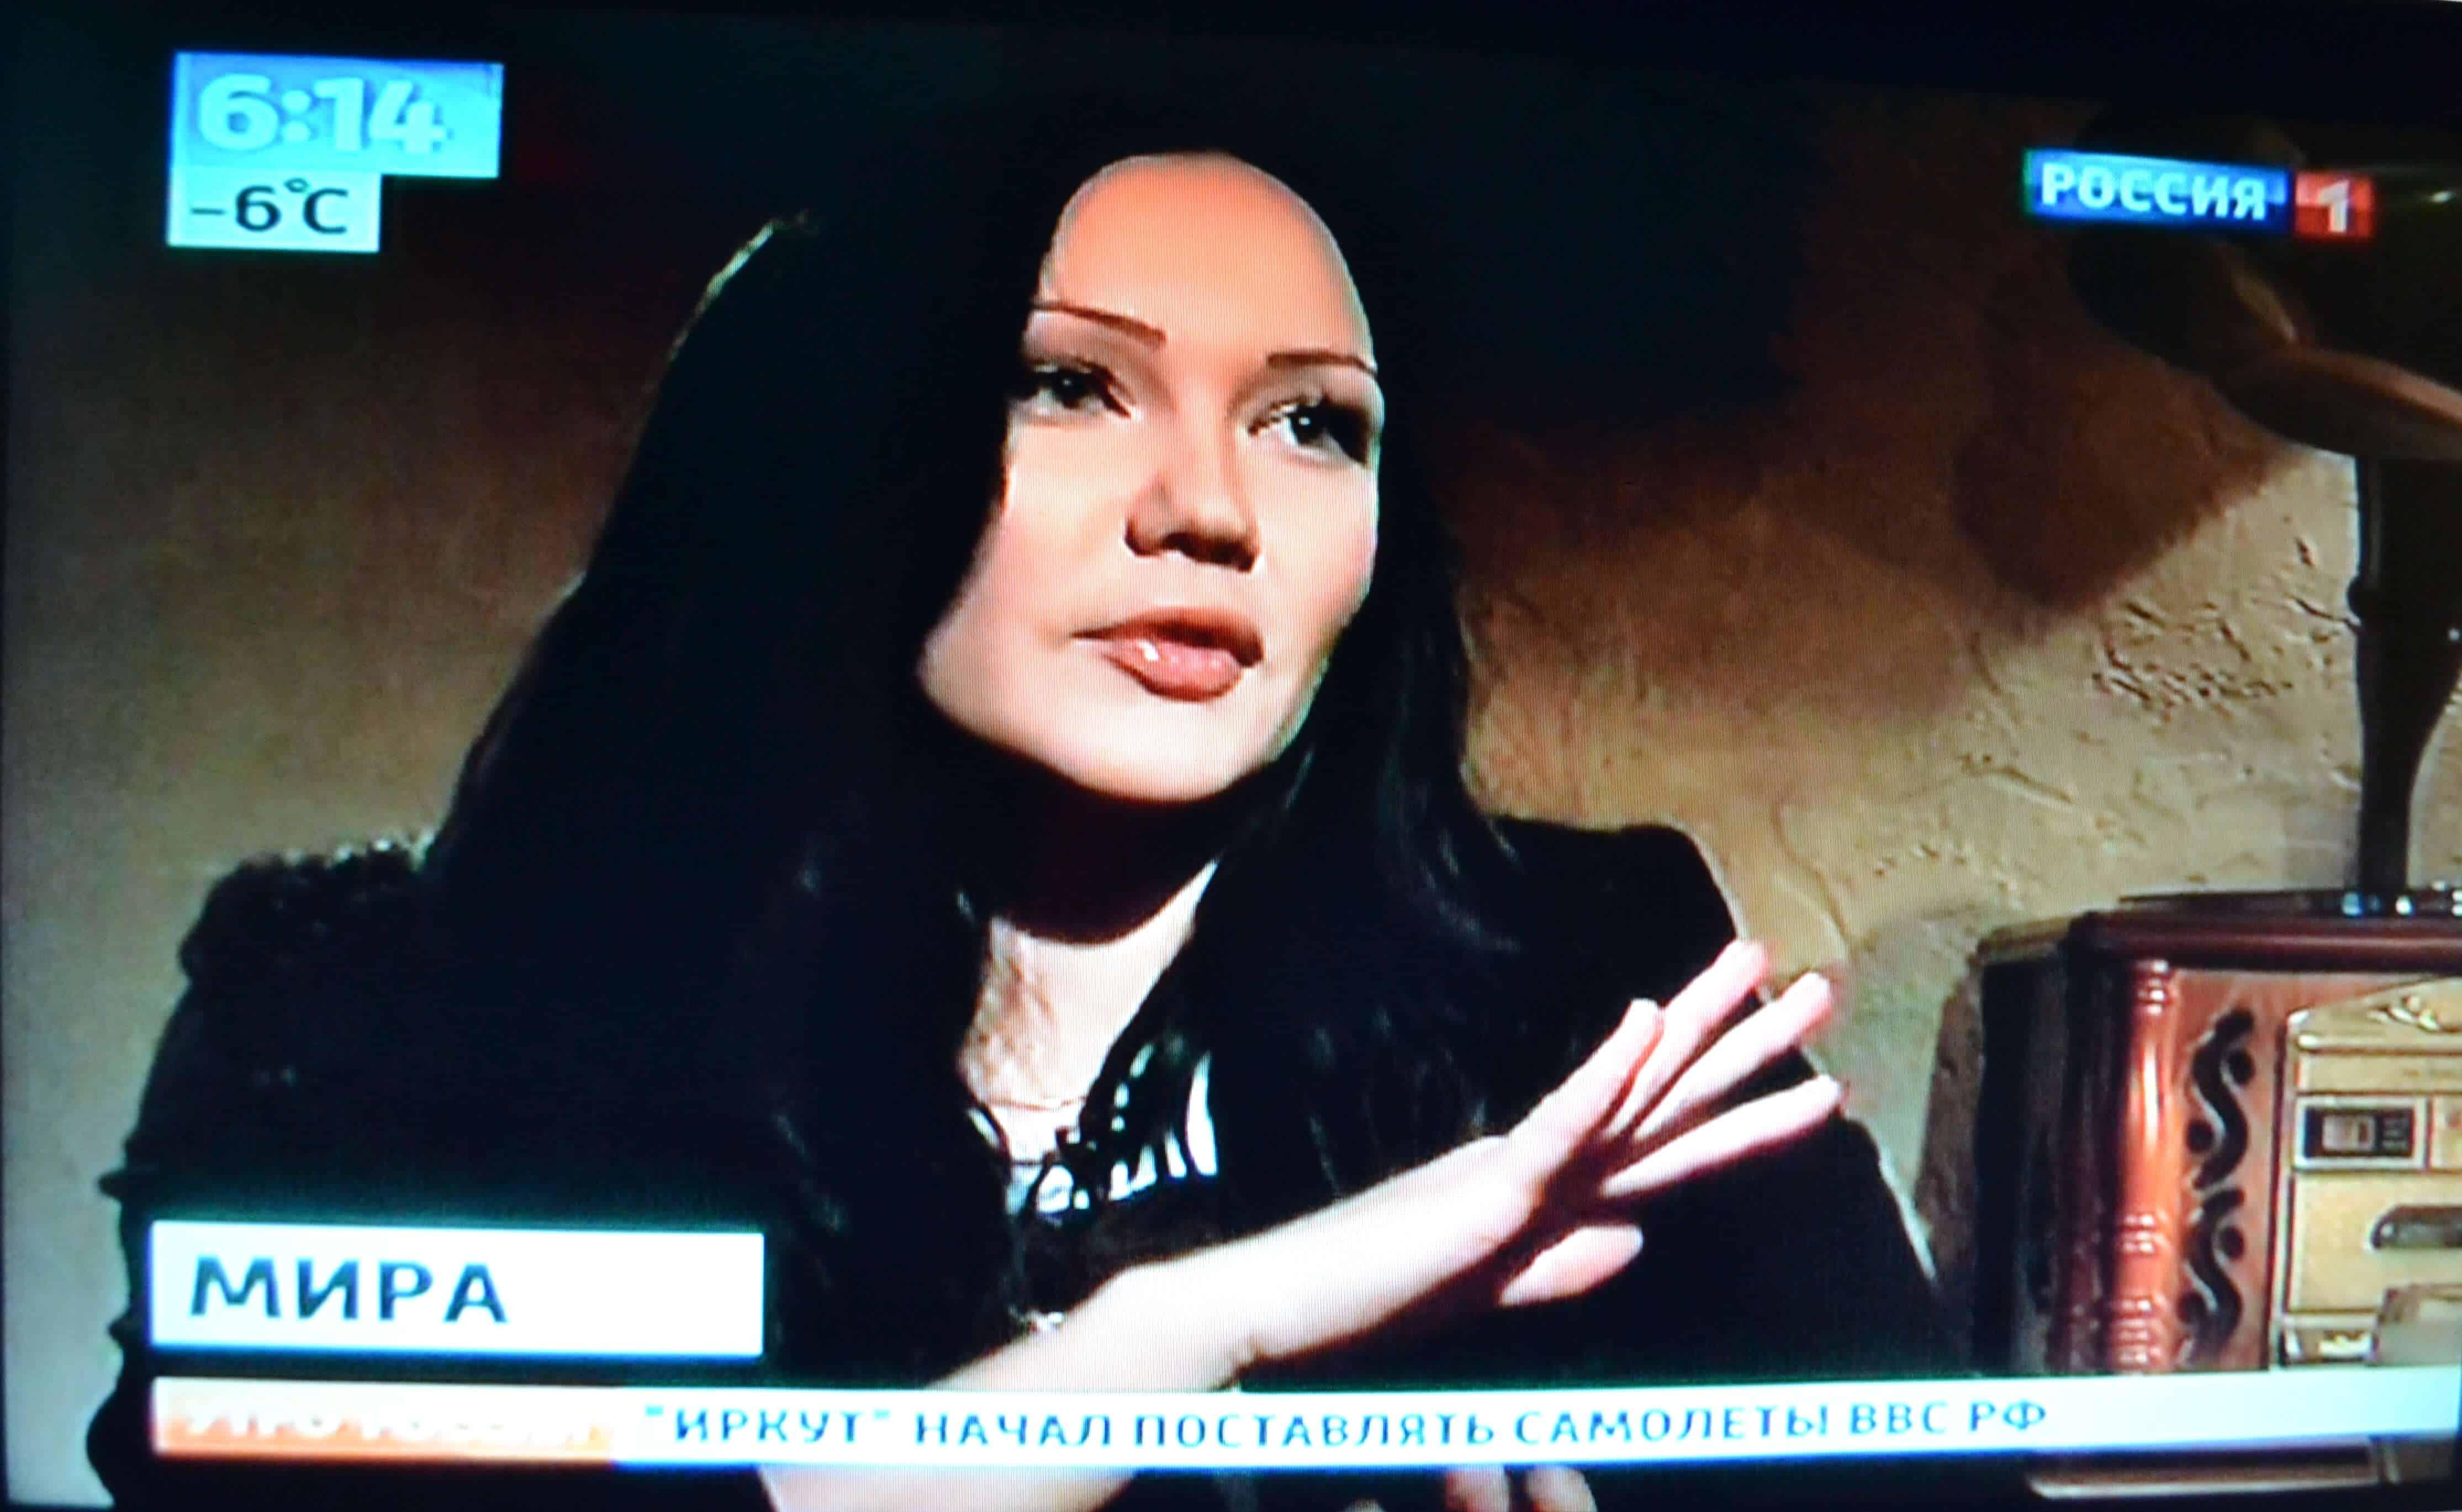 Интервью певицы Миры для программы Вести